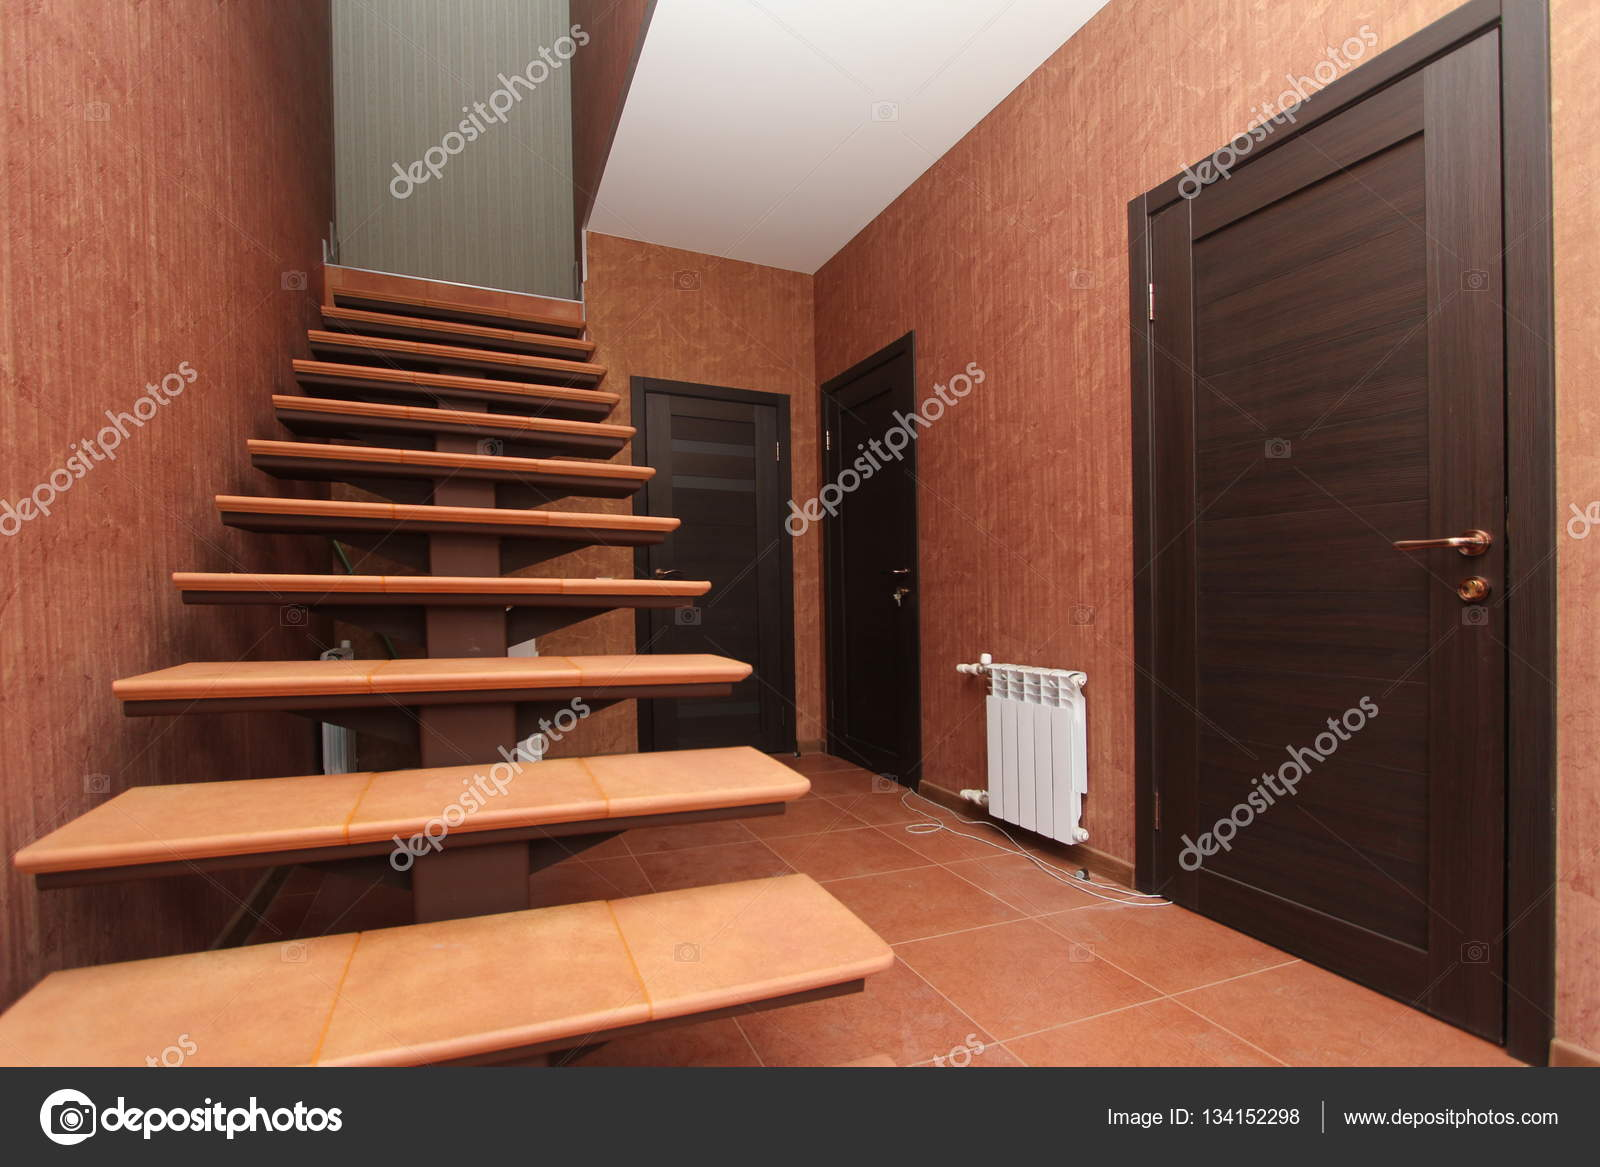 escalera abierta con escalones de piedra hasta el interior cerca de corredor sobre un